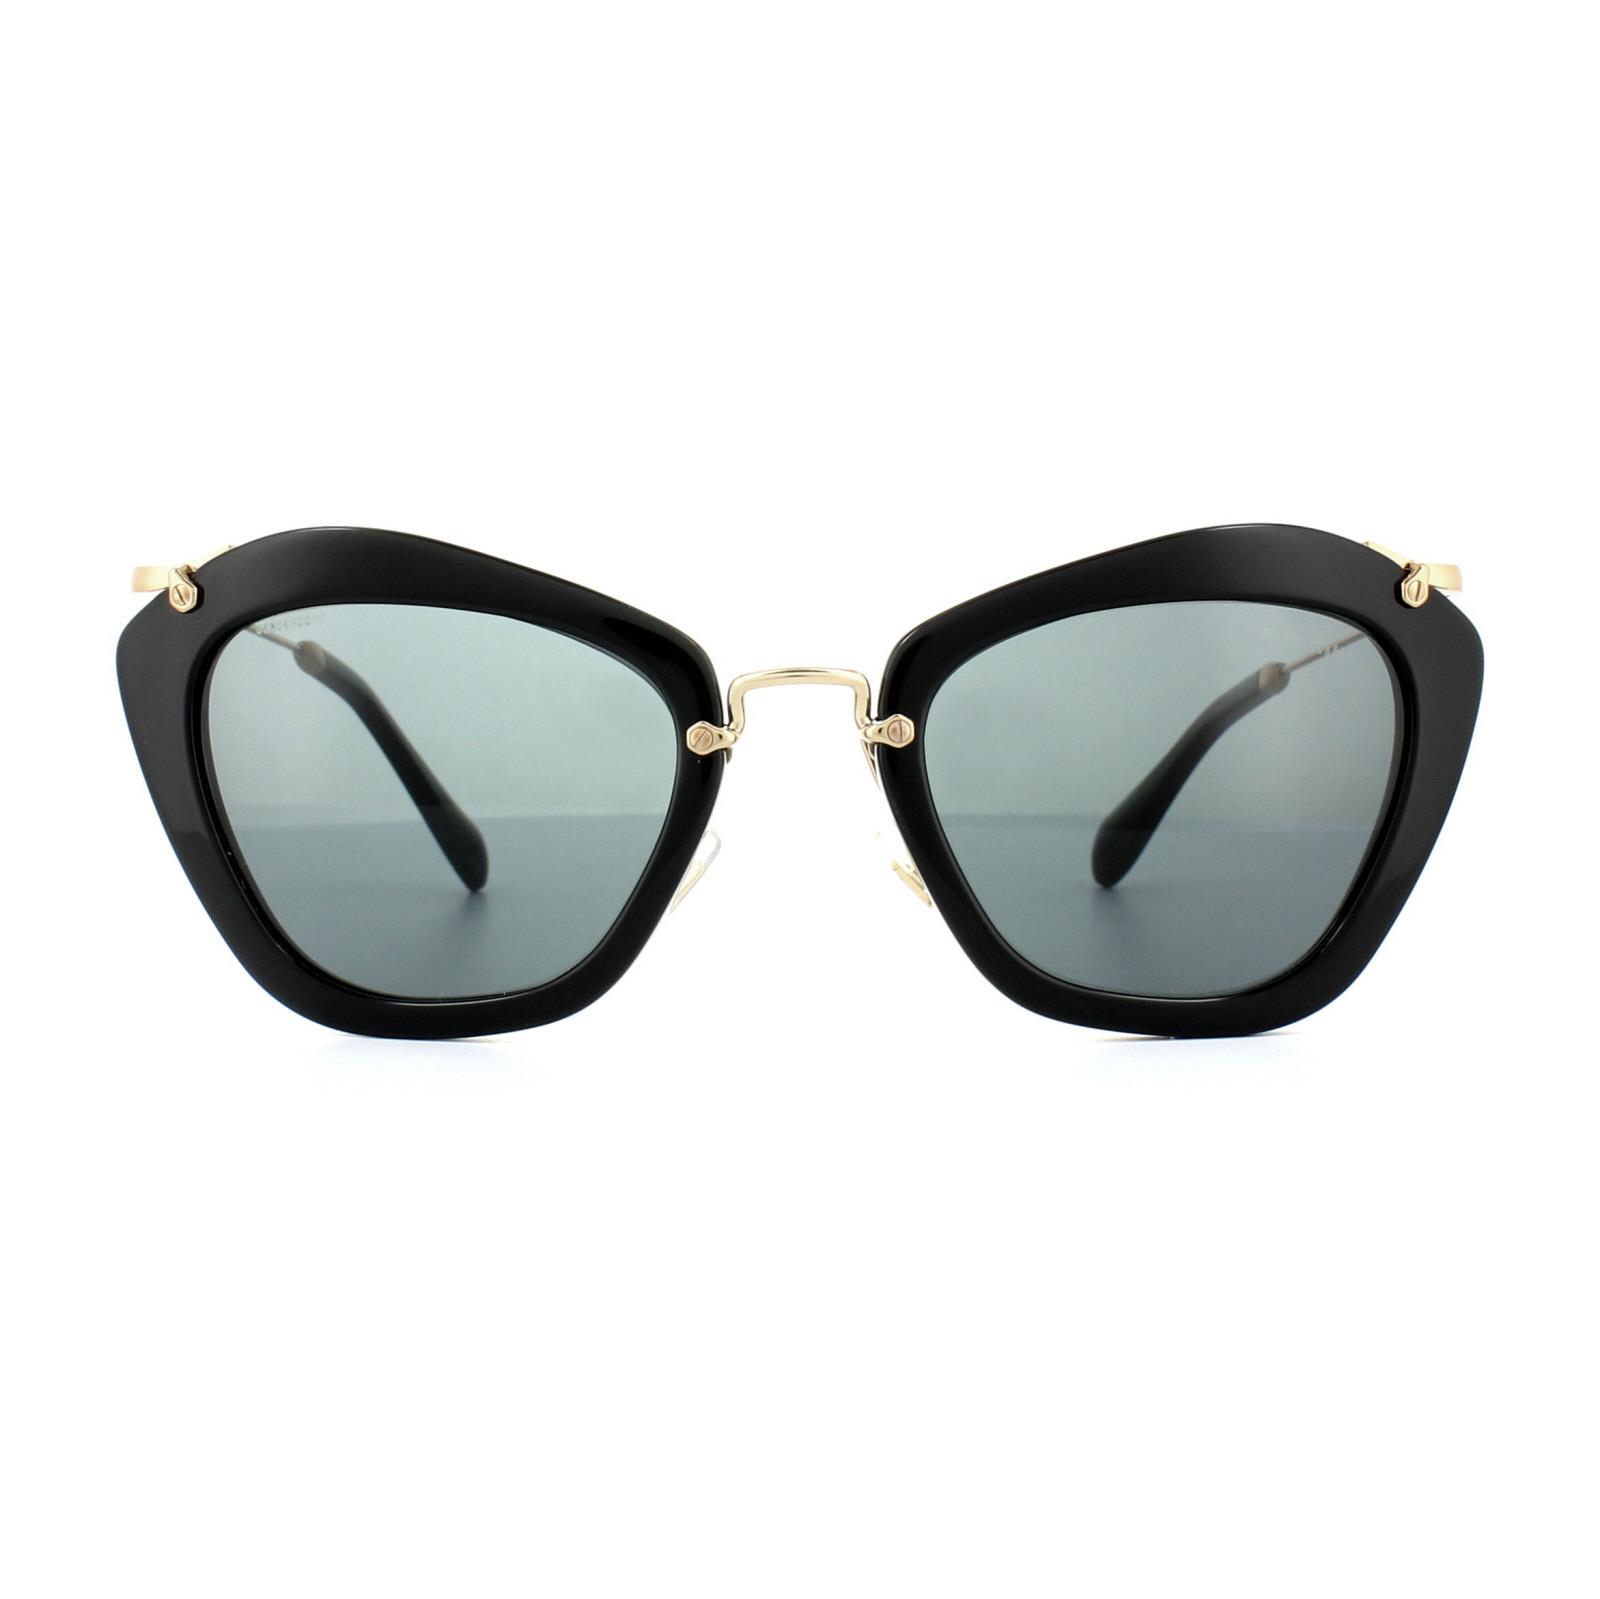 01f140cbebd5 Miu Miu Round Sunglasses Ebay